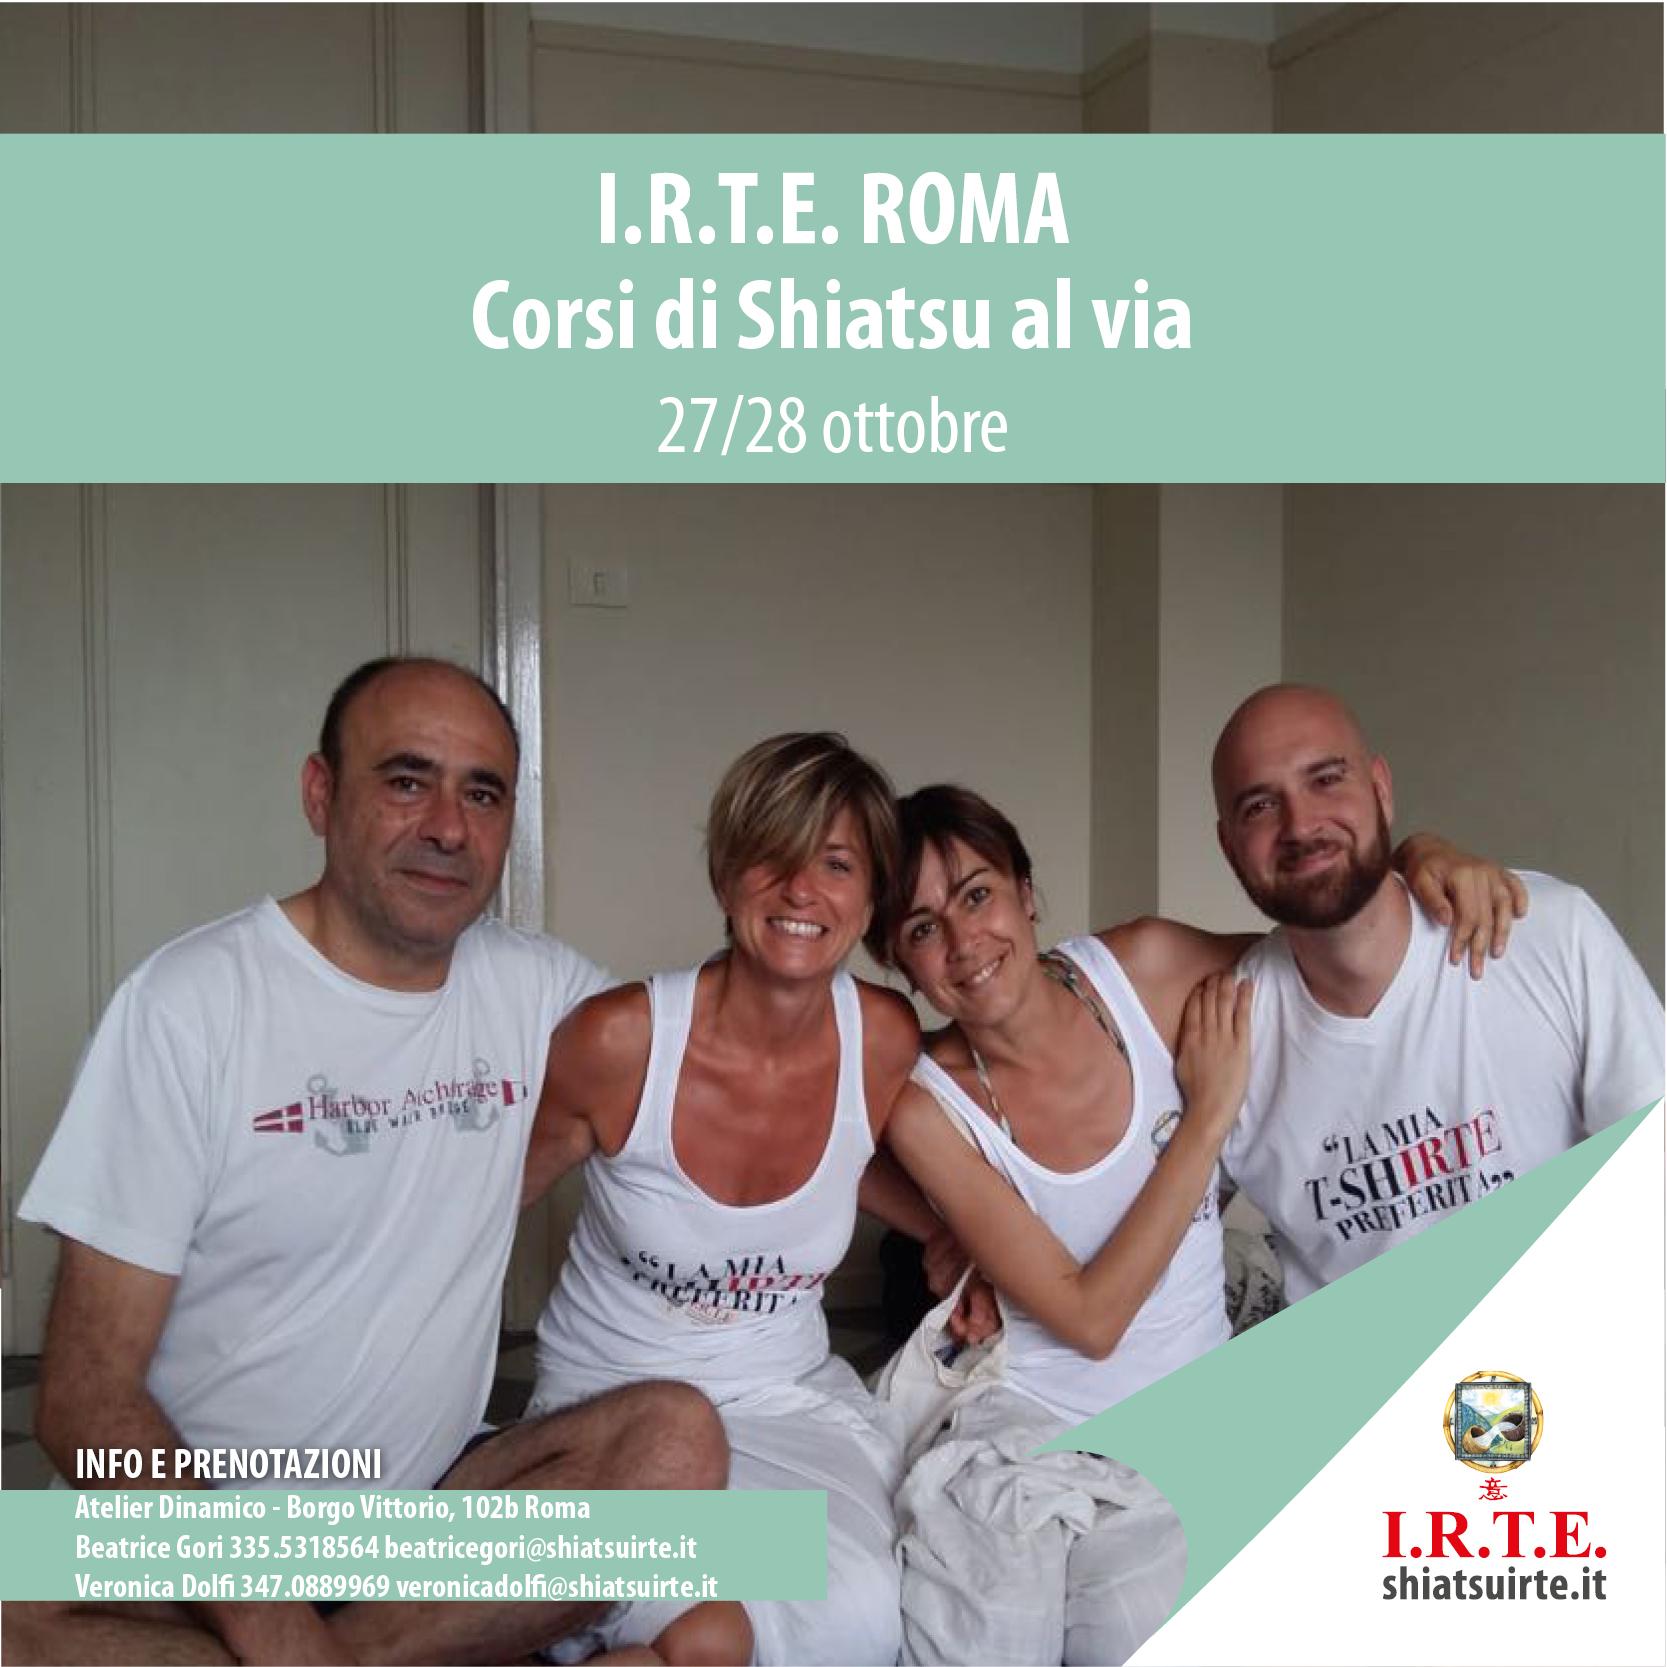 Corsi Shiatsu al via a Roma nel weekend di 27/28 ottobre